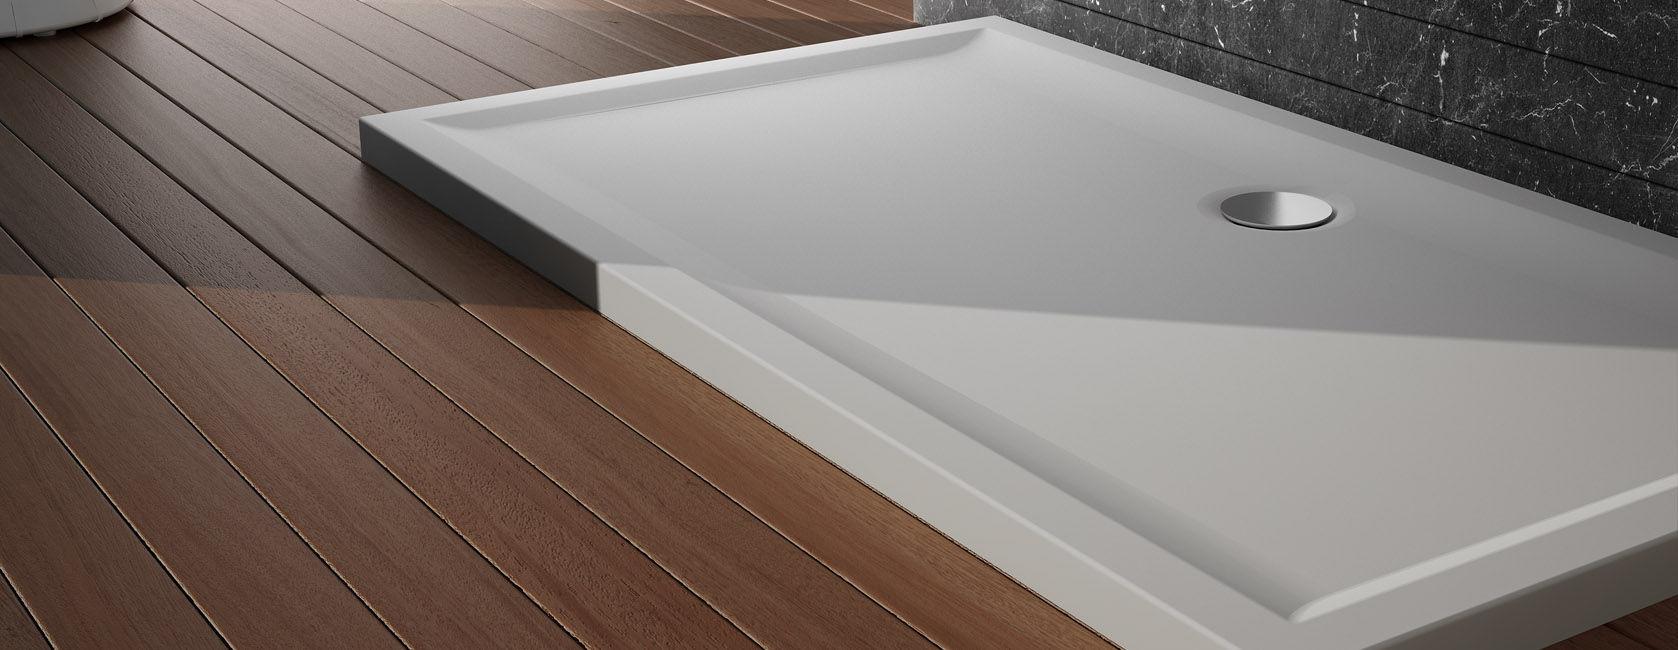 Perspective plato de ducha teuco sinergia y materiales for Accesorios para platos de ducha